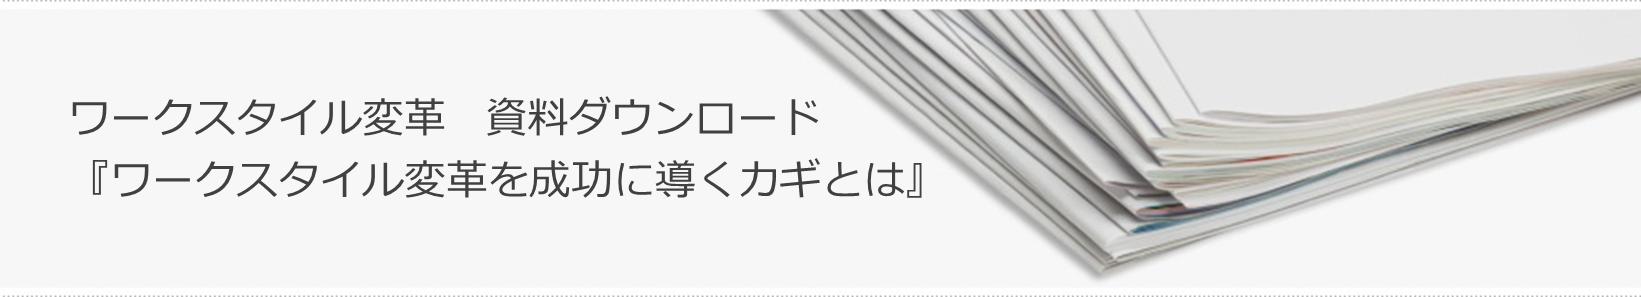 ワークスタイル変革 資料ダウンロード